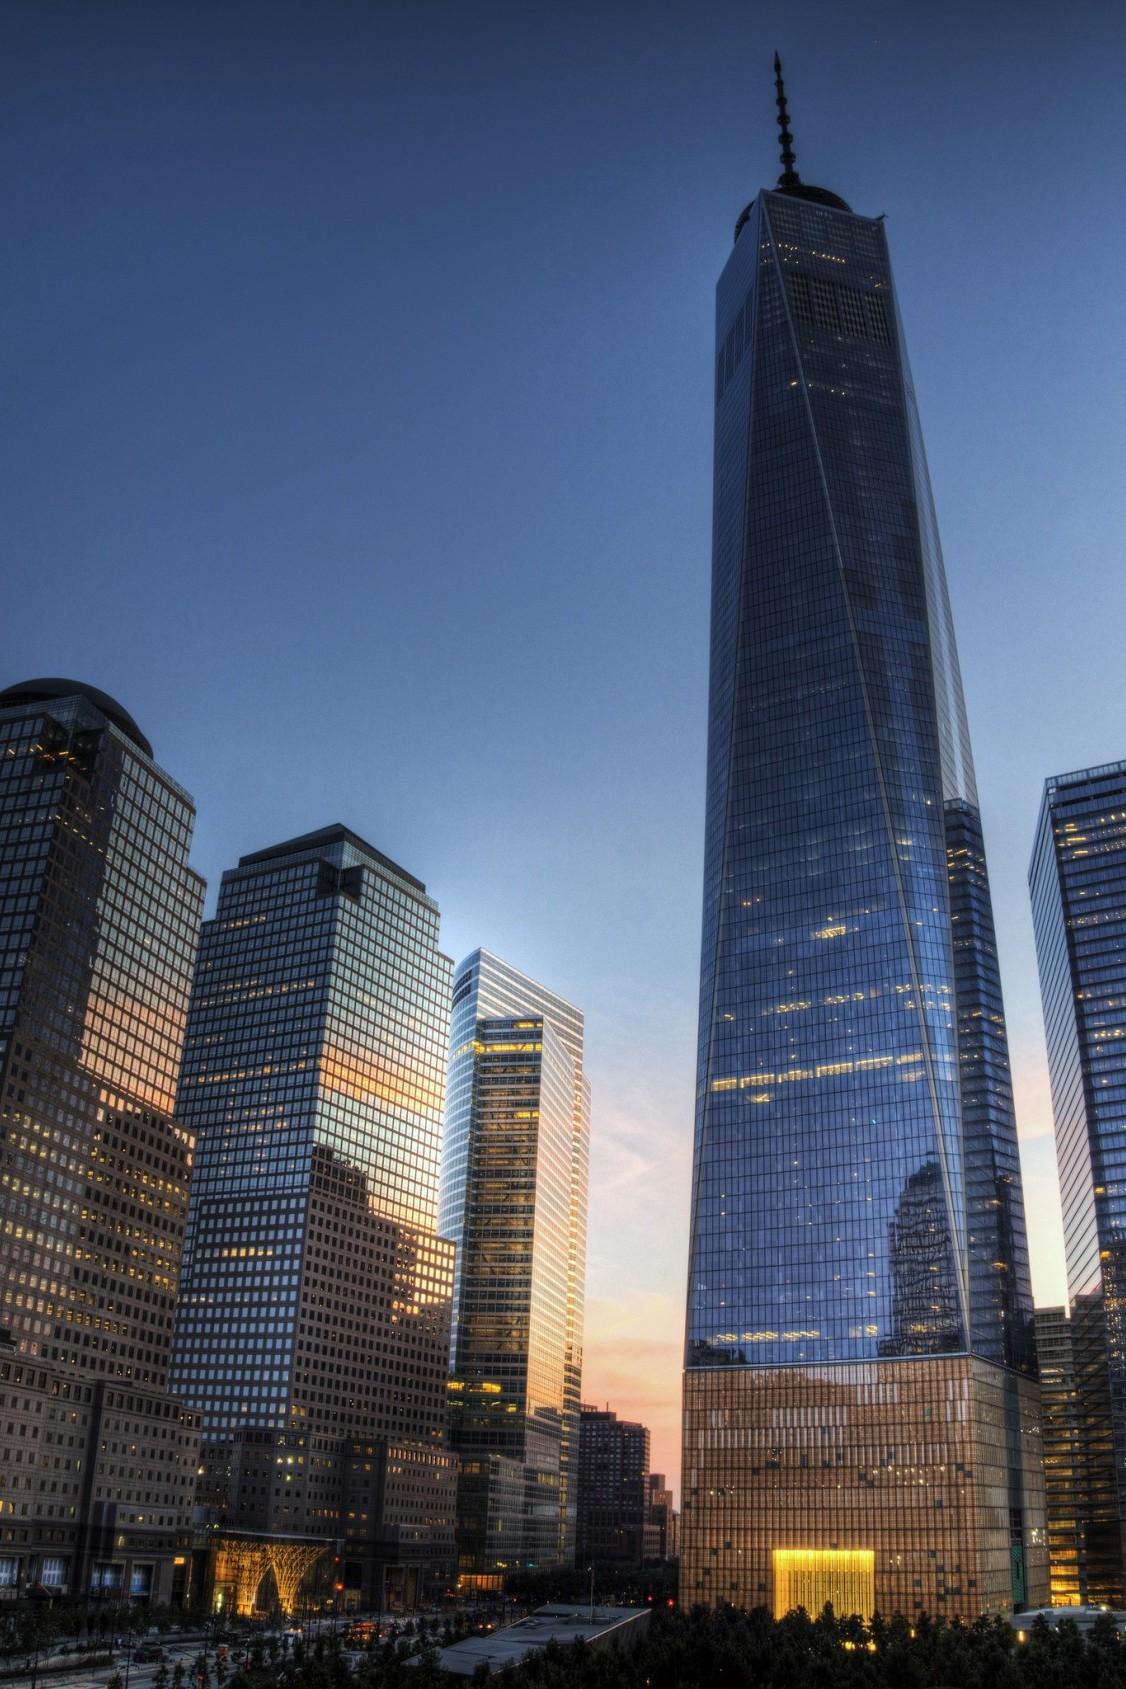 skyscraper office city architecture building urban glass tall